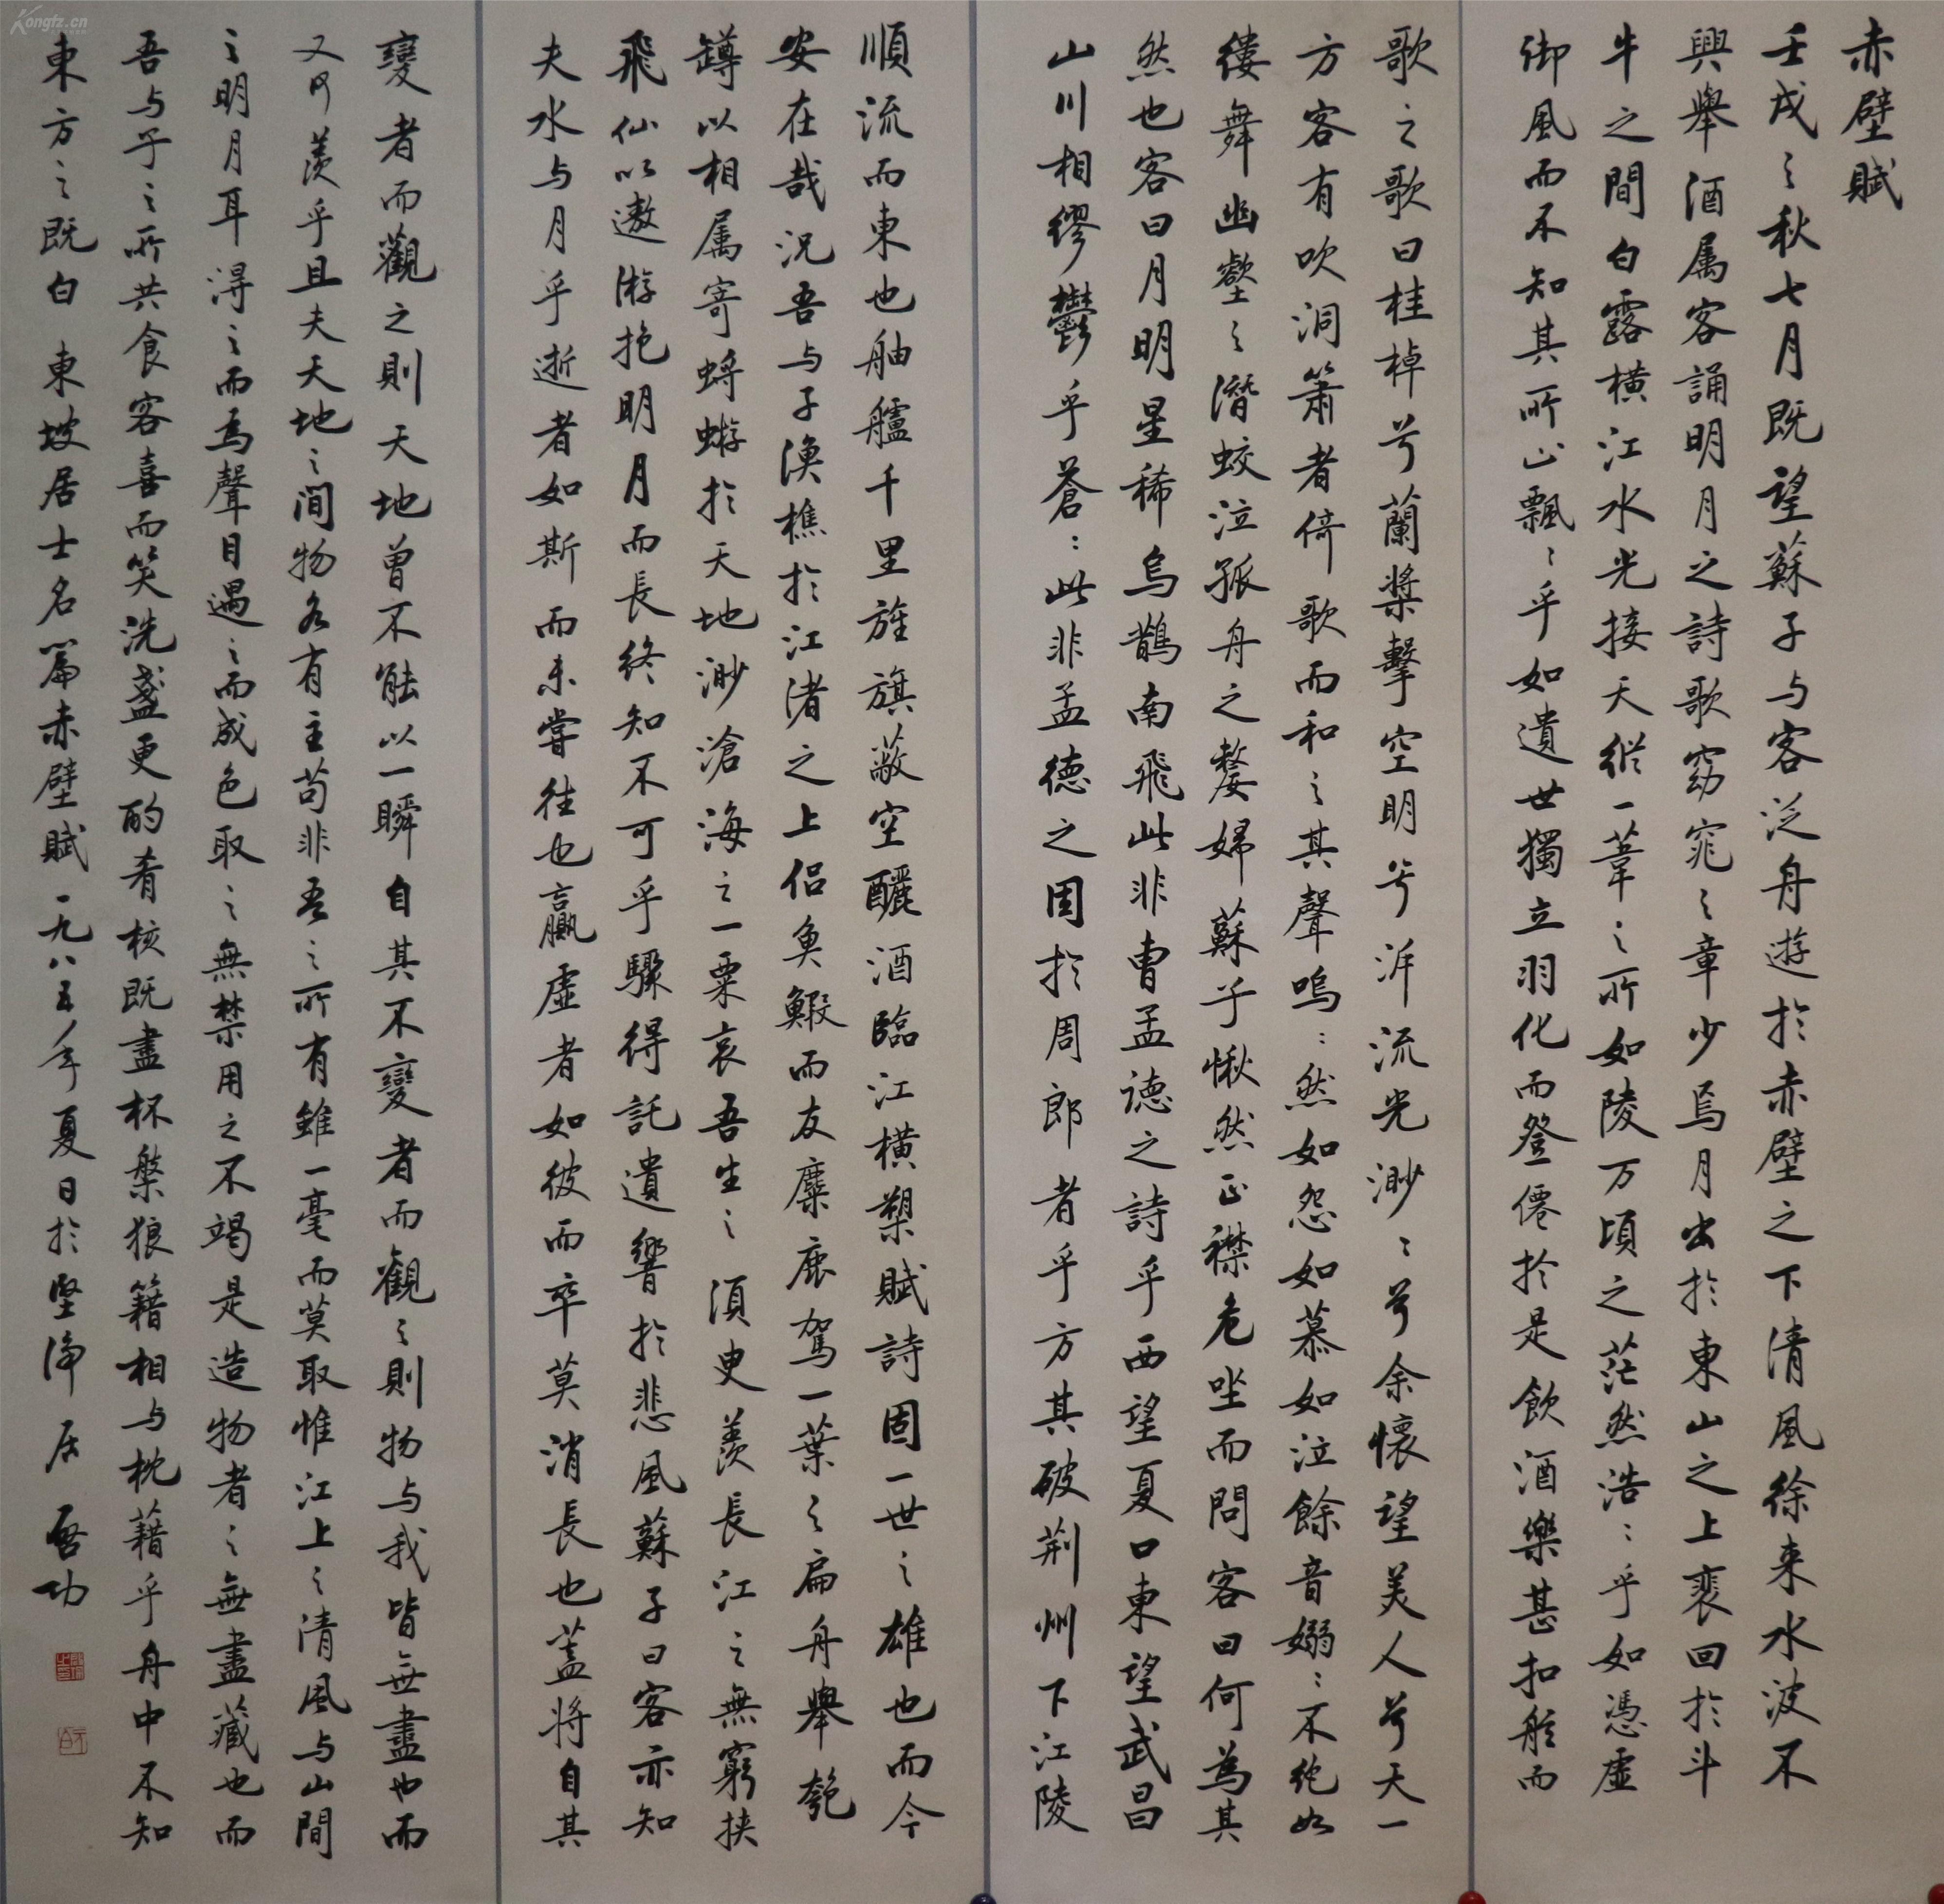 中国当代著名书画家,教育家 启功 书法 四条屏图片